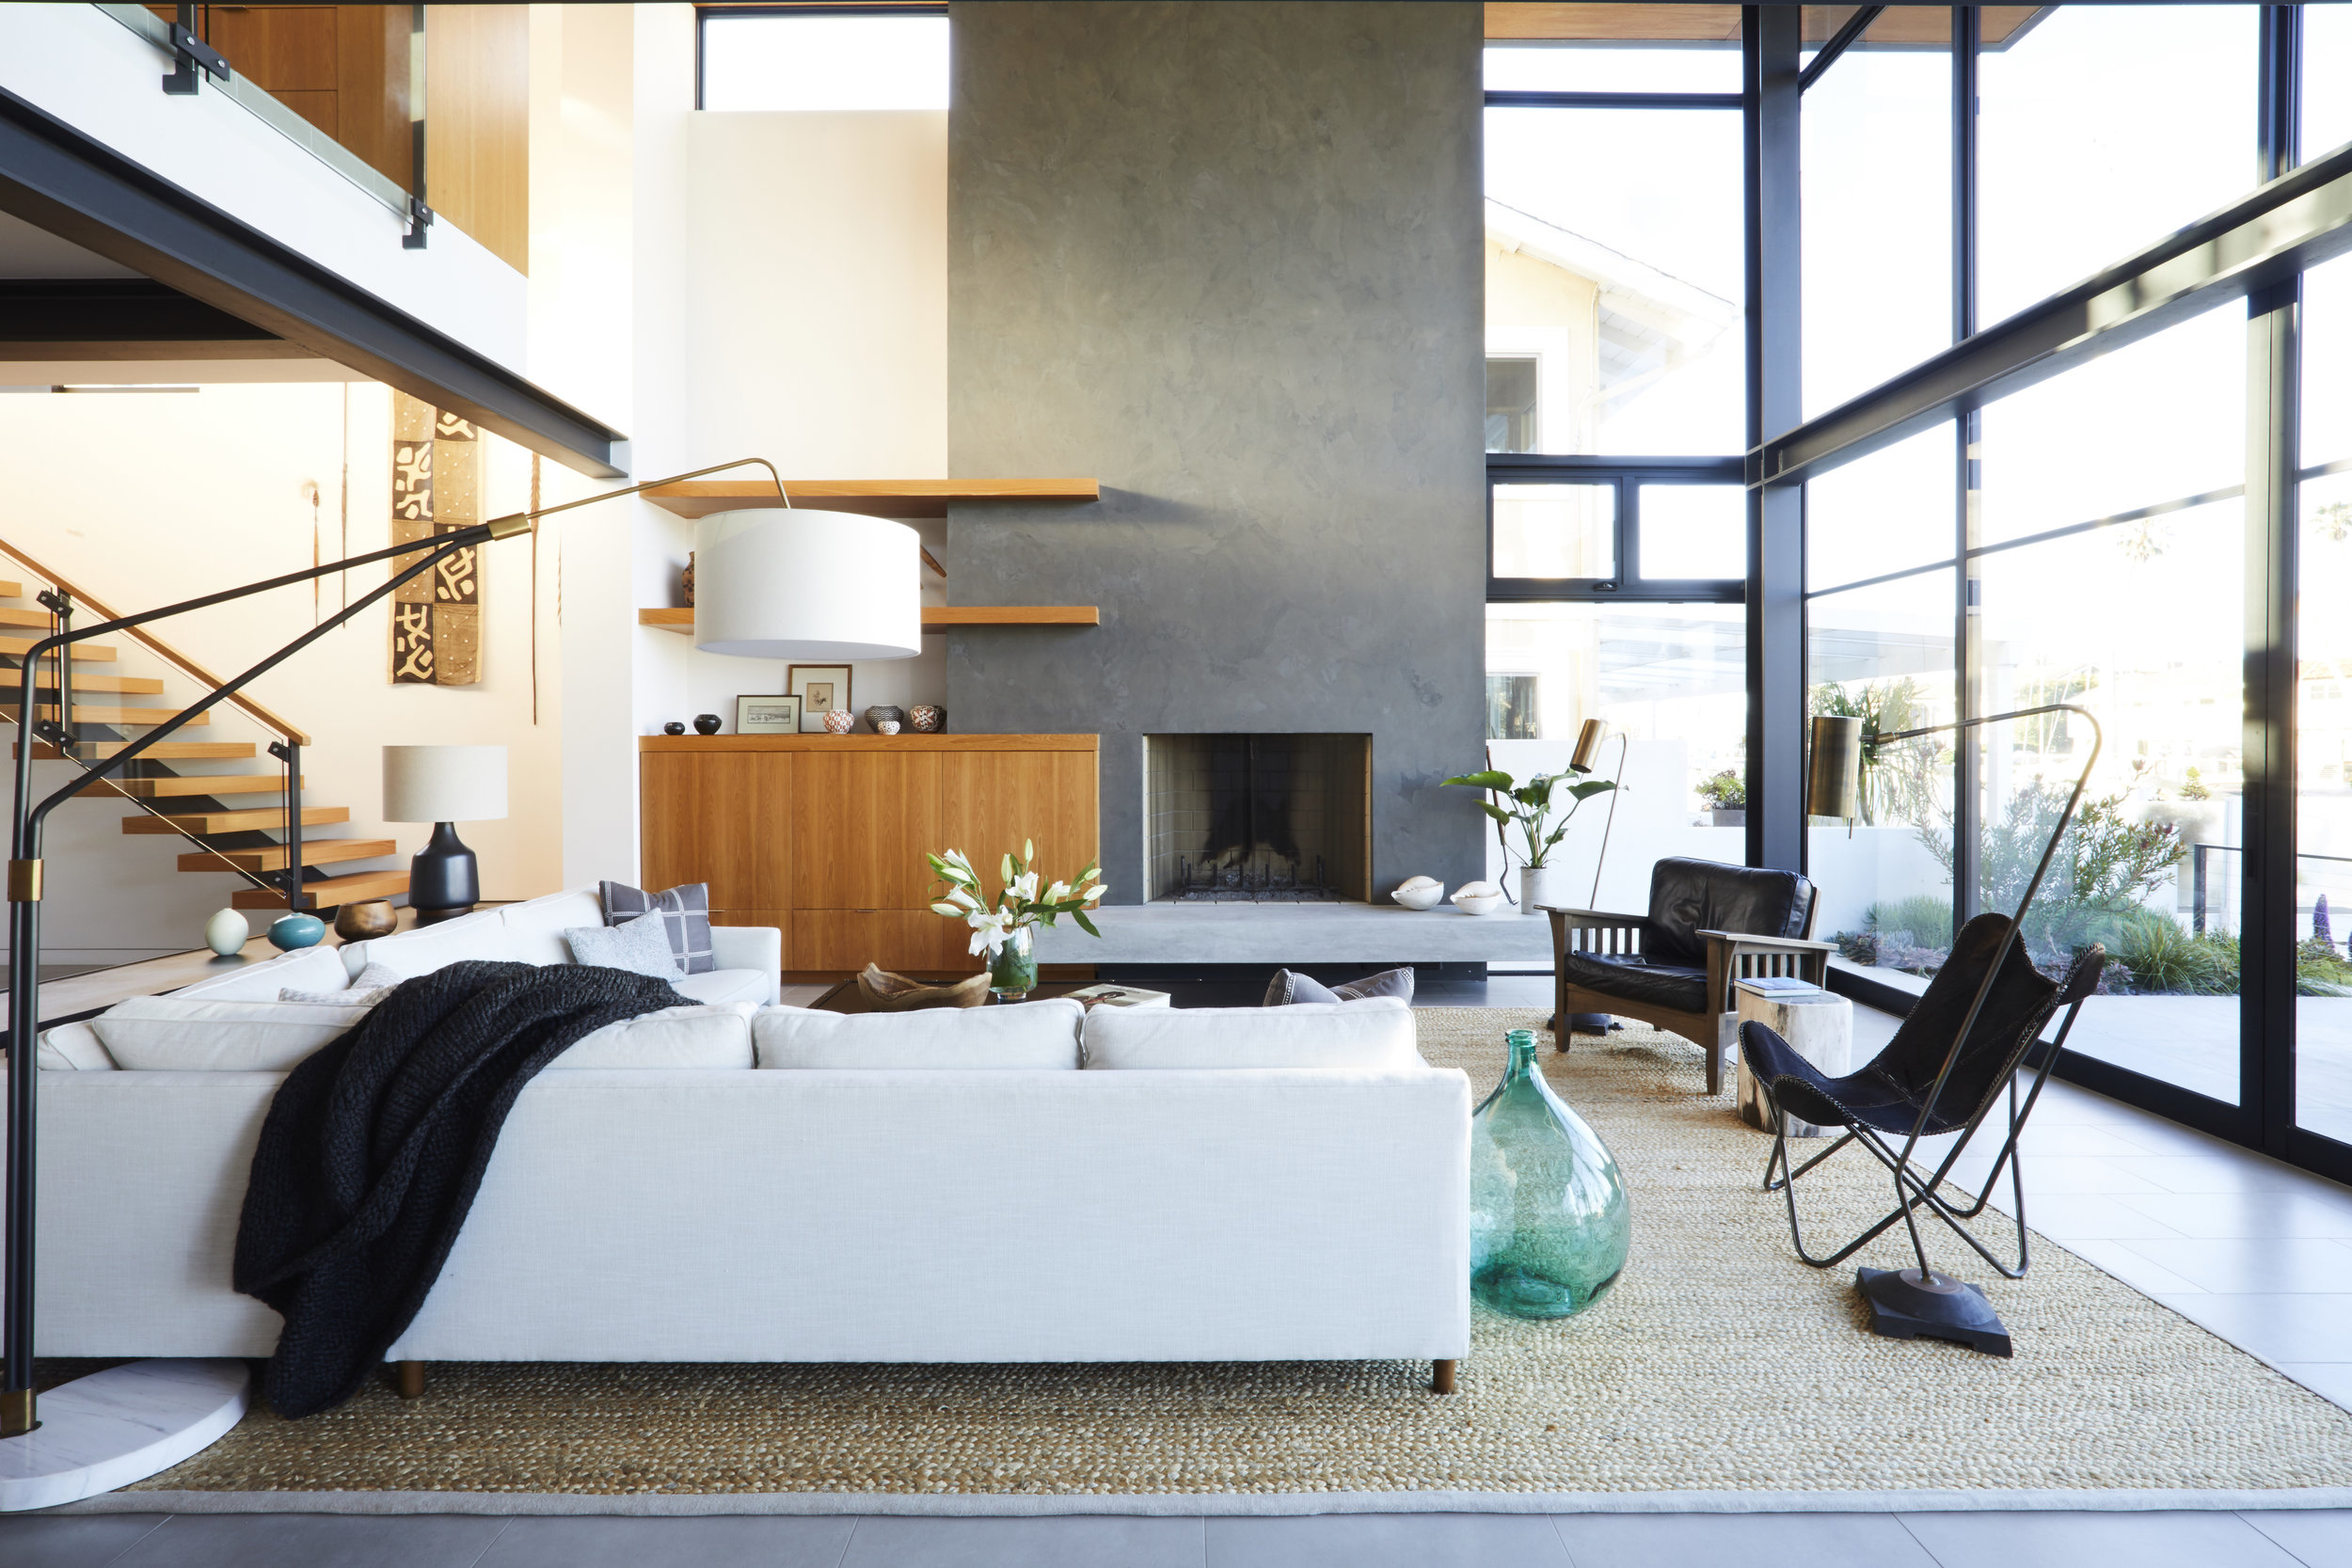 Jette_Ventura_Living_Room_027.jpg